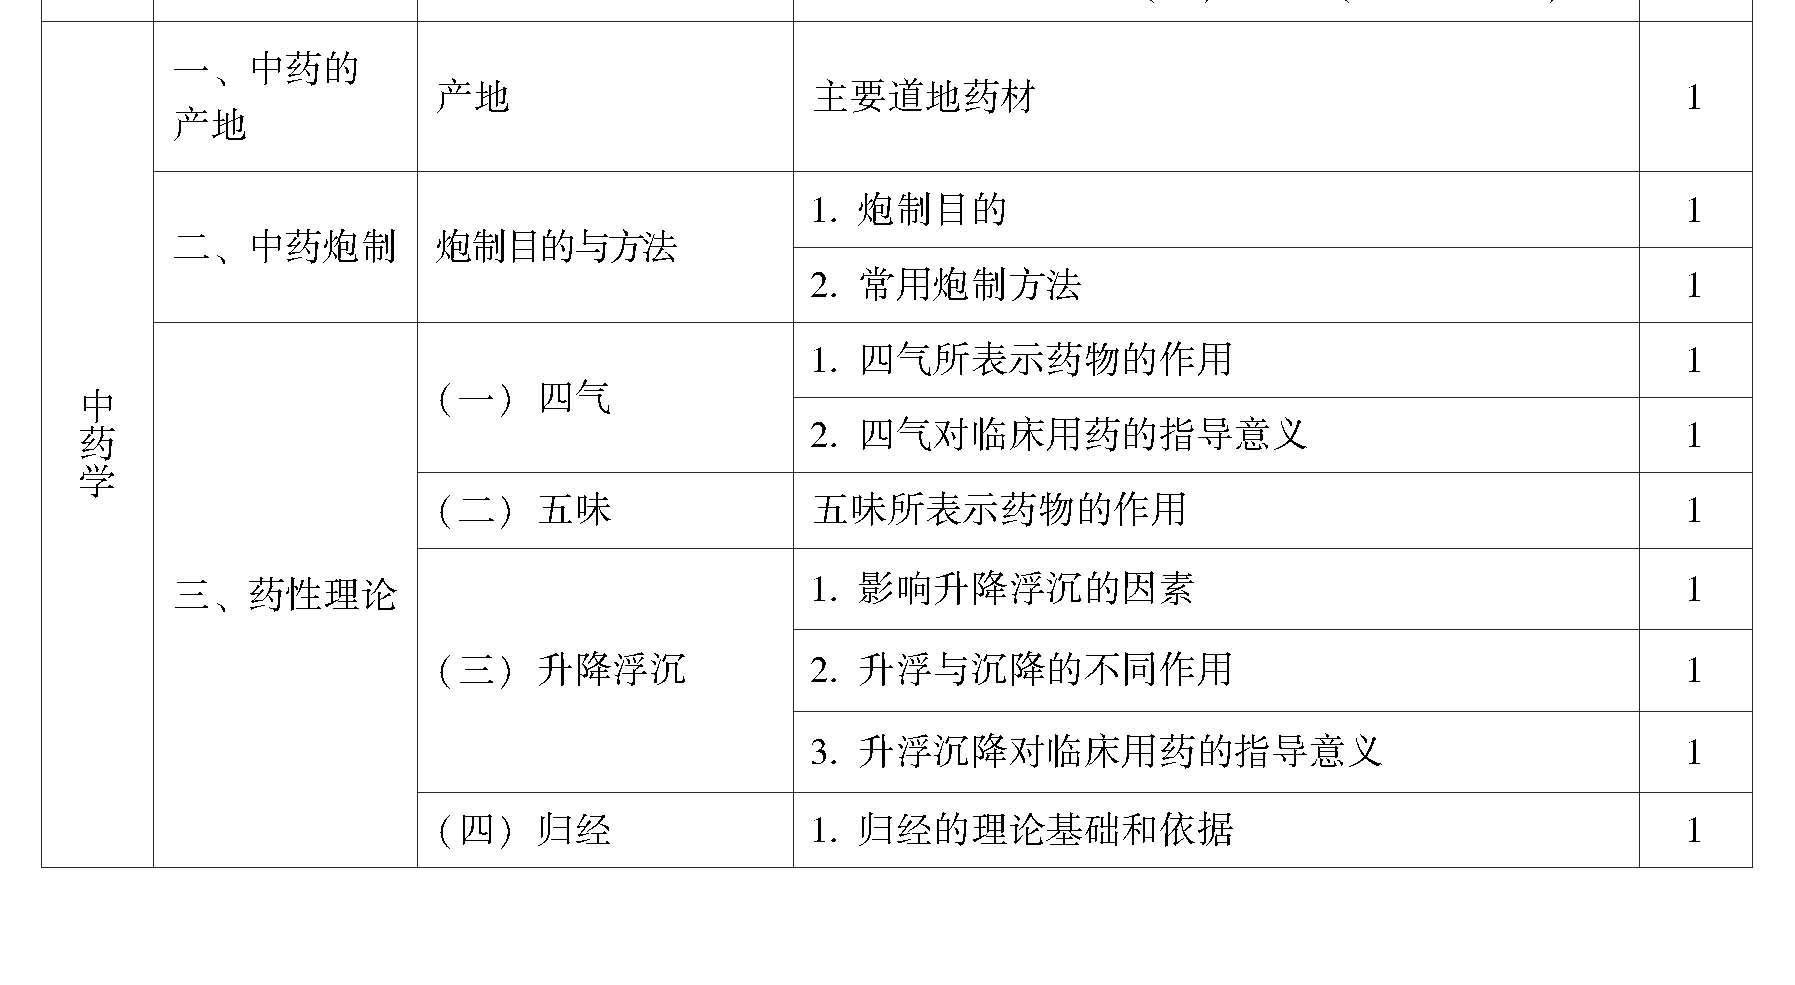 2017年中医针灸专业(中级)考试大纲-中药学